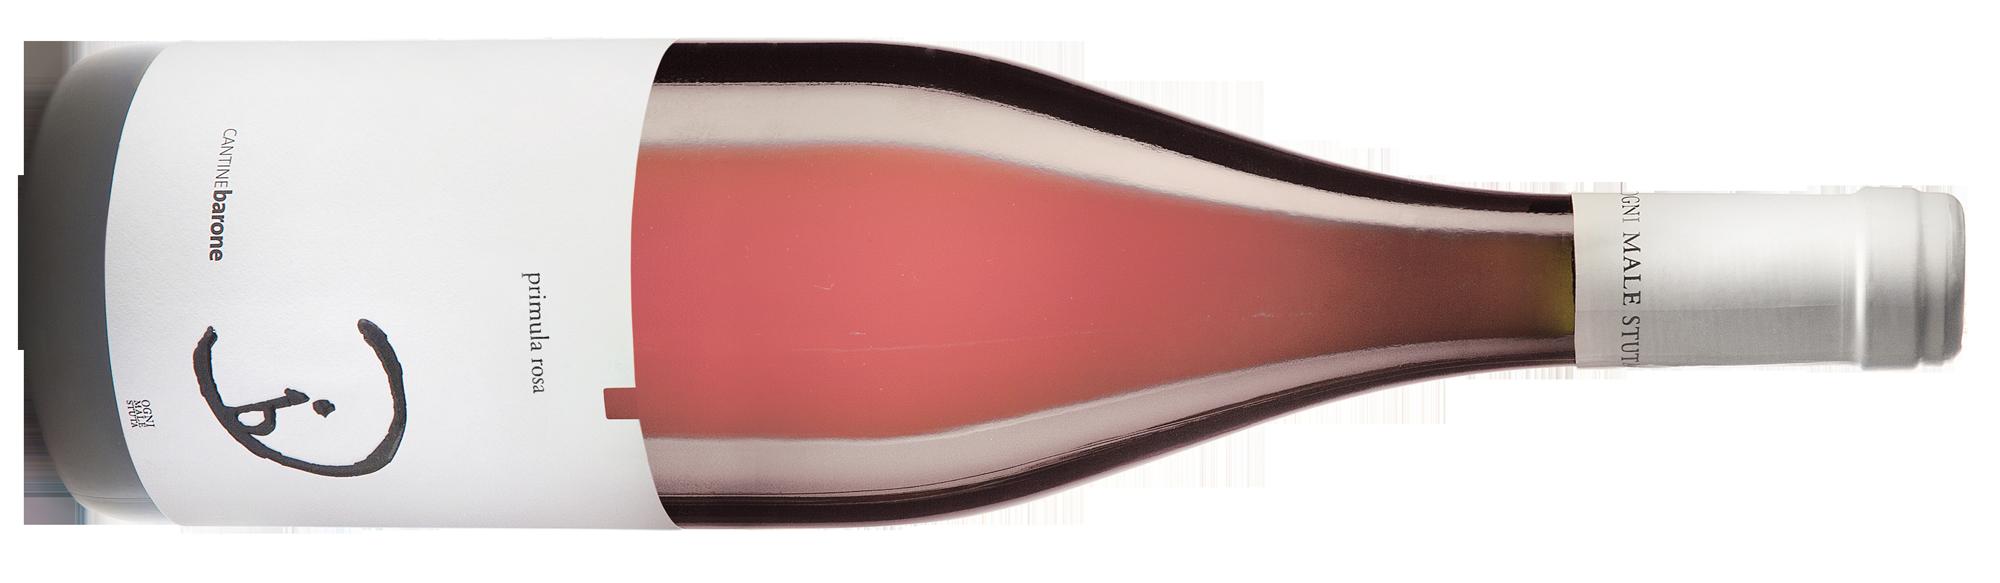 rosato cantine barone